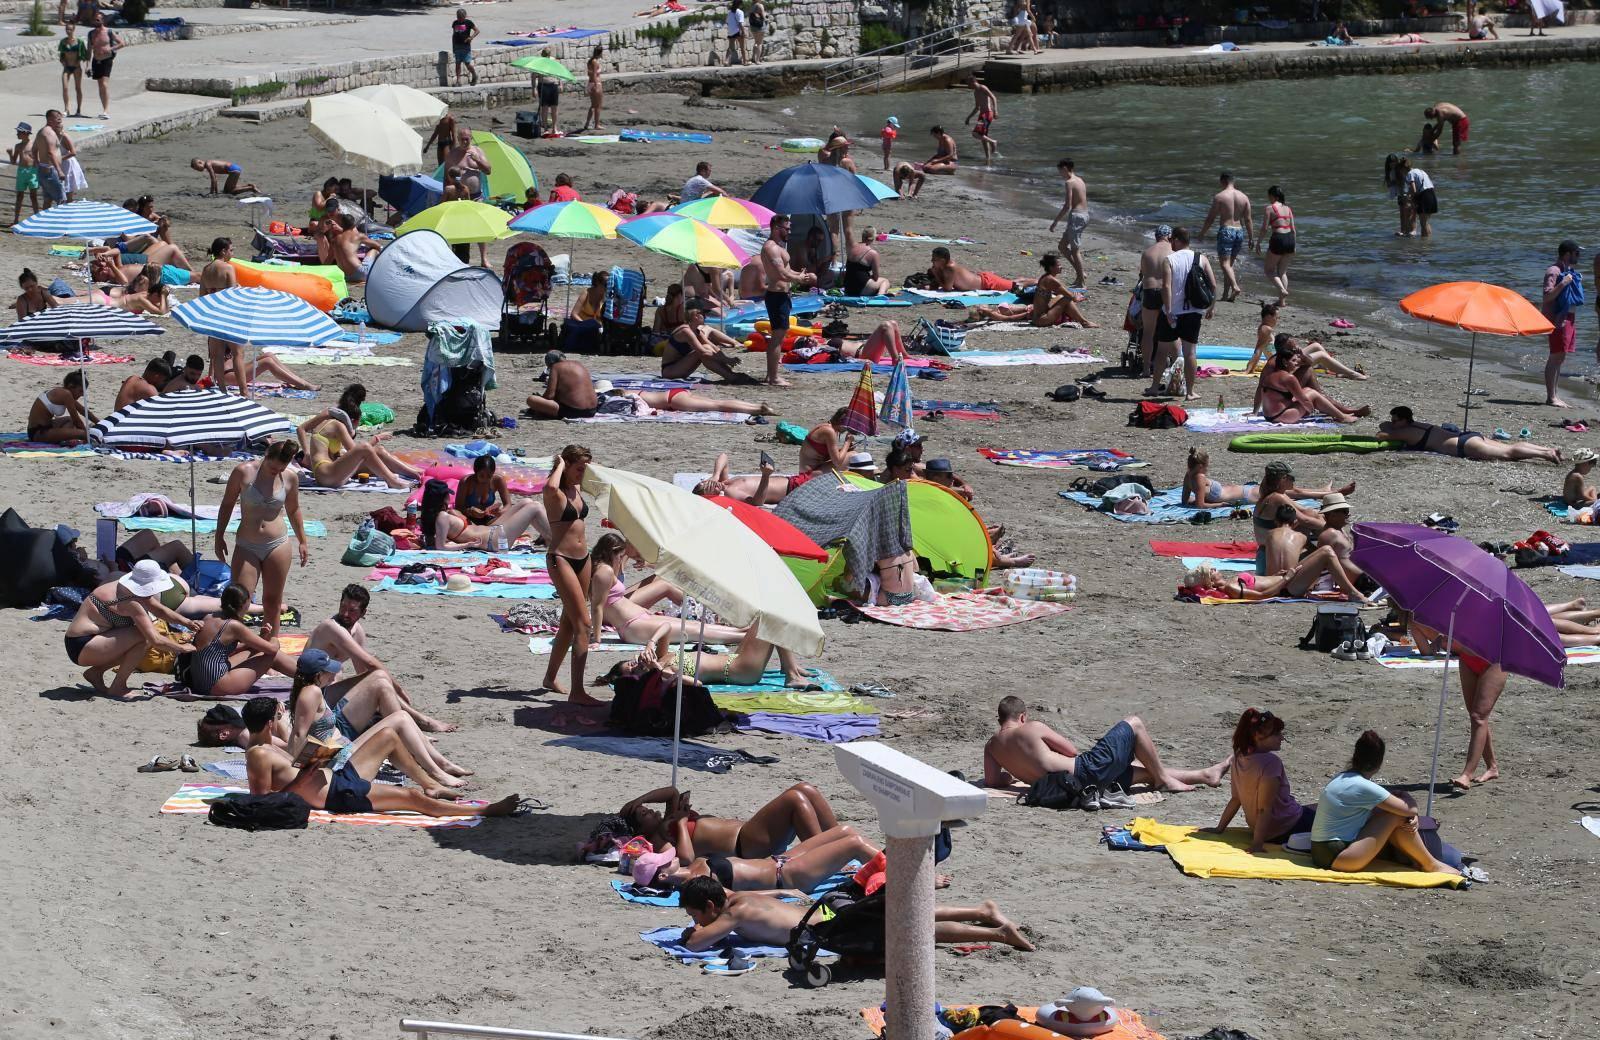 Spas od toplinskog vala: Plaže su jučer bile krcate kupačima!